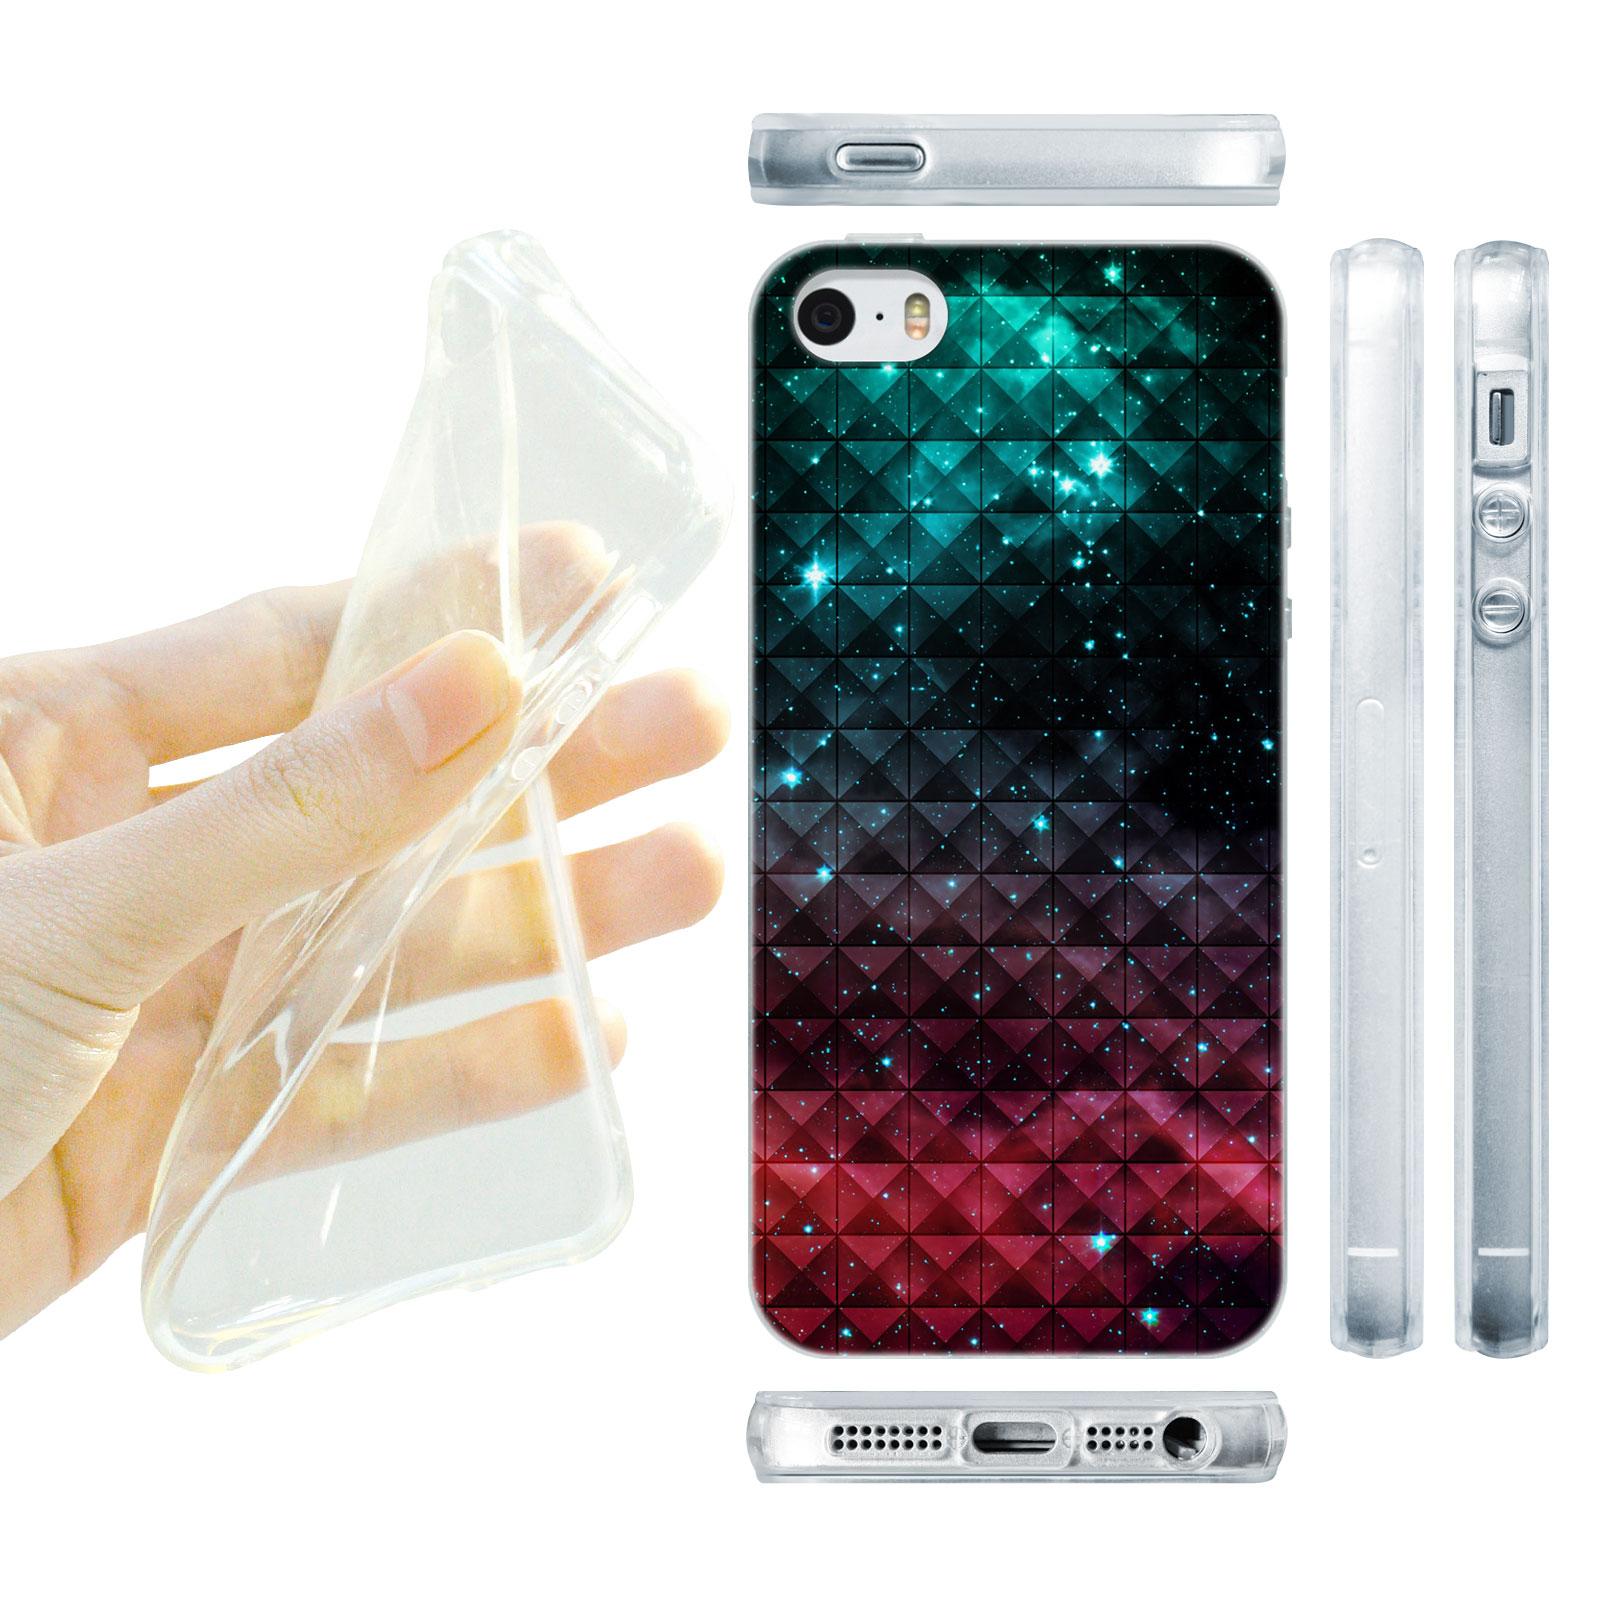 HEAD CASE silikonový obal na mobil Iphone 5/5S vzor vesmír modrá a červená hvězdy